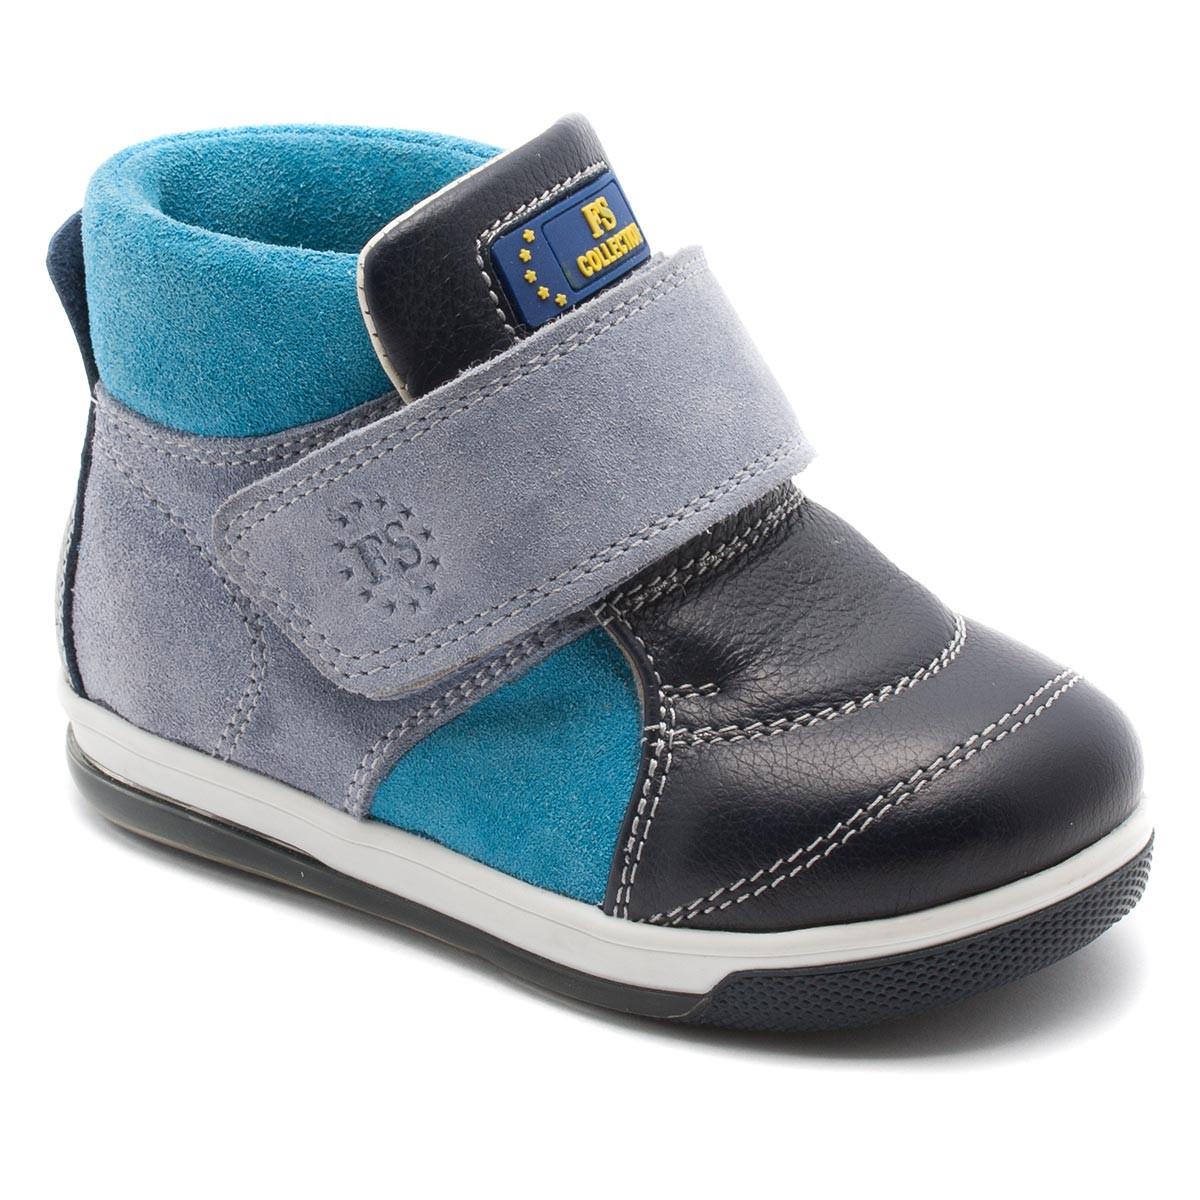 ef55d832d Кожаные ботинки FS Сollection для мальчика, демисезонные, размер 20-30 -  Детская обувь